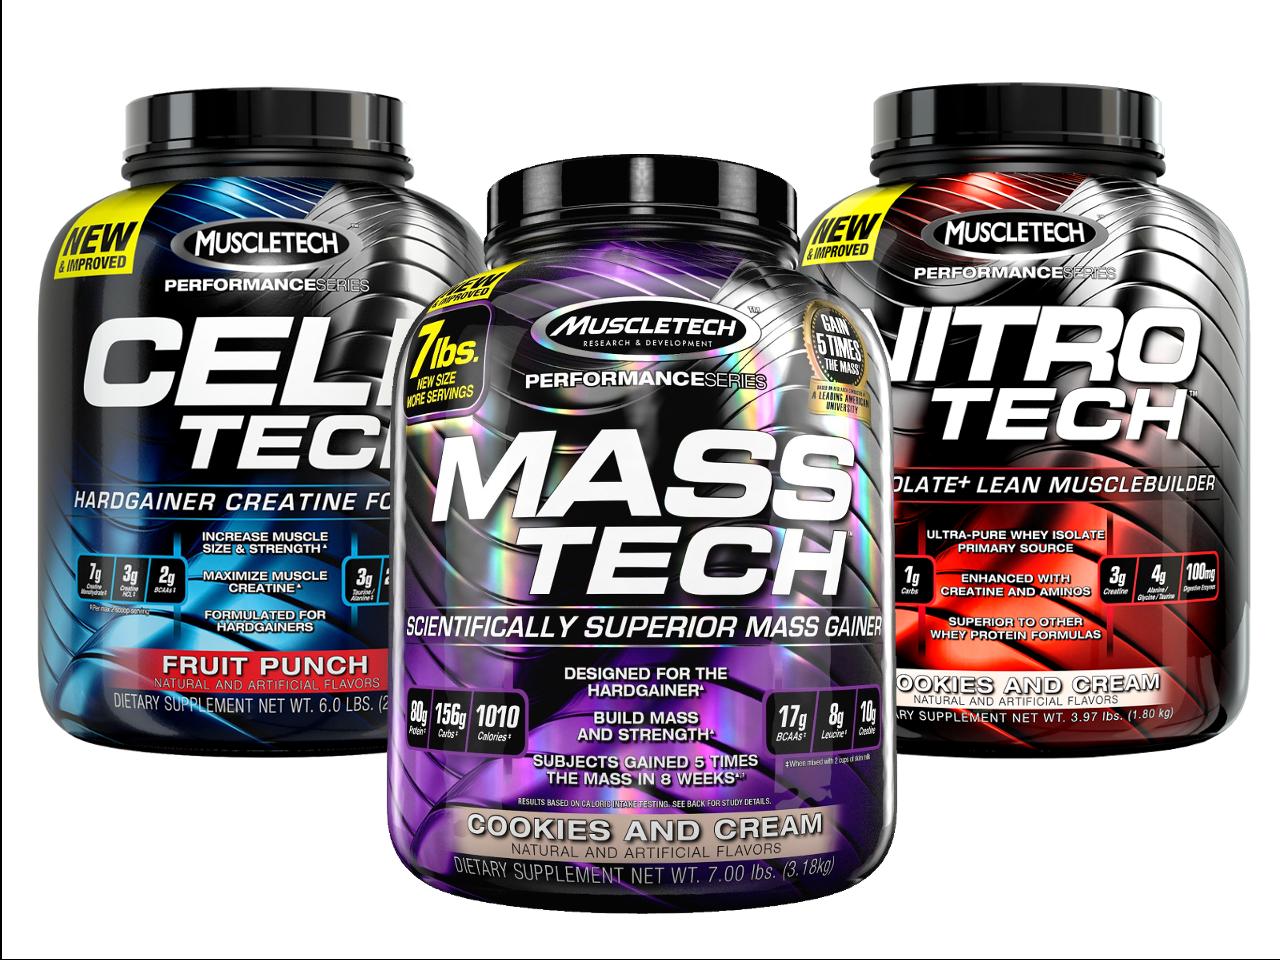 Muscletech Performance Stack Nitro Tech Cell Tech Mass